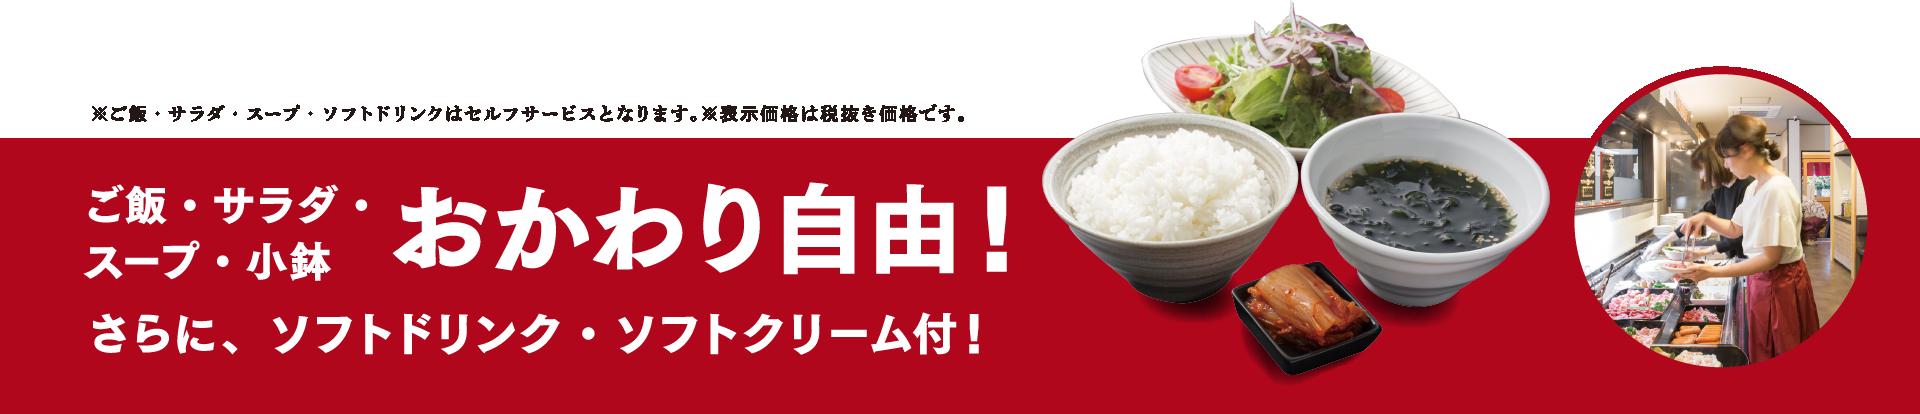 ご飯・サラダ・スープ・小鉢・おかわり自由。さらにソフトドリンク・ソフトクリーム付き